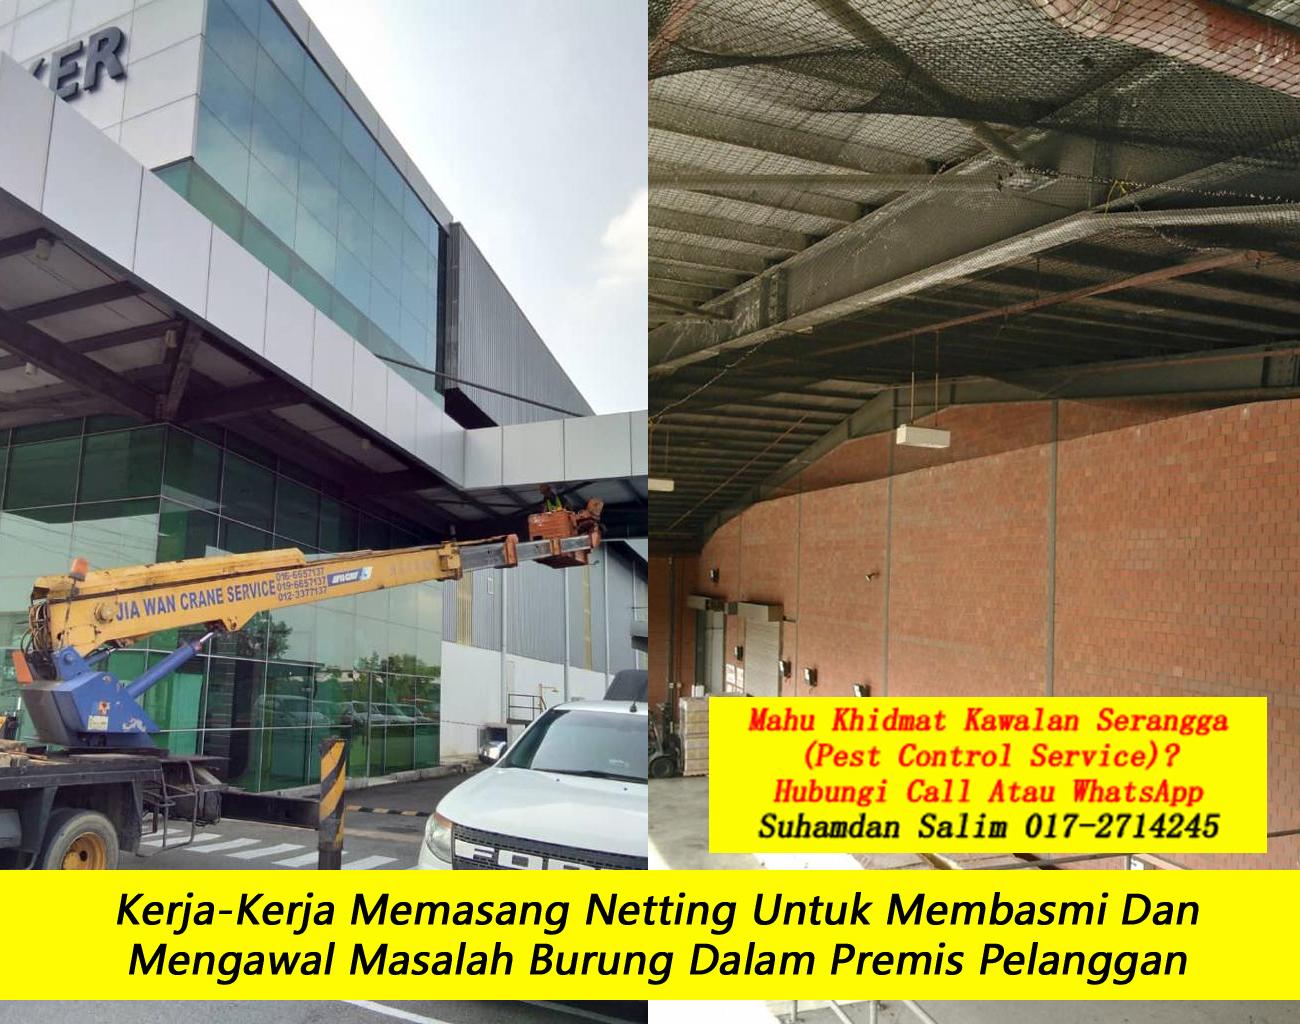 khidmat kawalan serangga burung kelawar syarikat kawalan serangga company pest control Kampung Pandan kl taman perumahan kawasan perindustrian near me felda